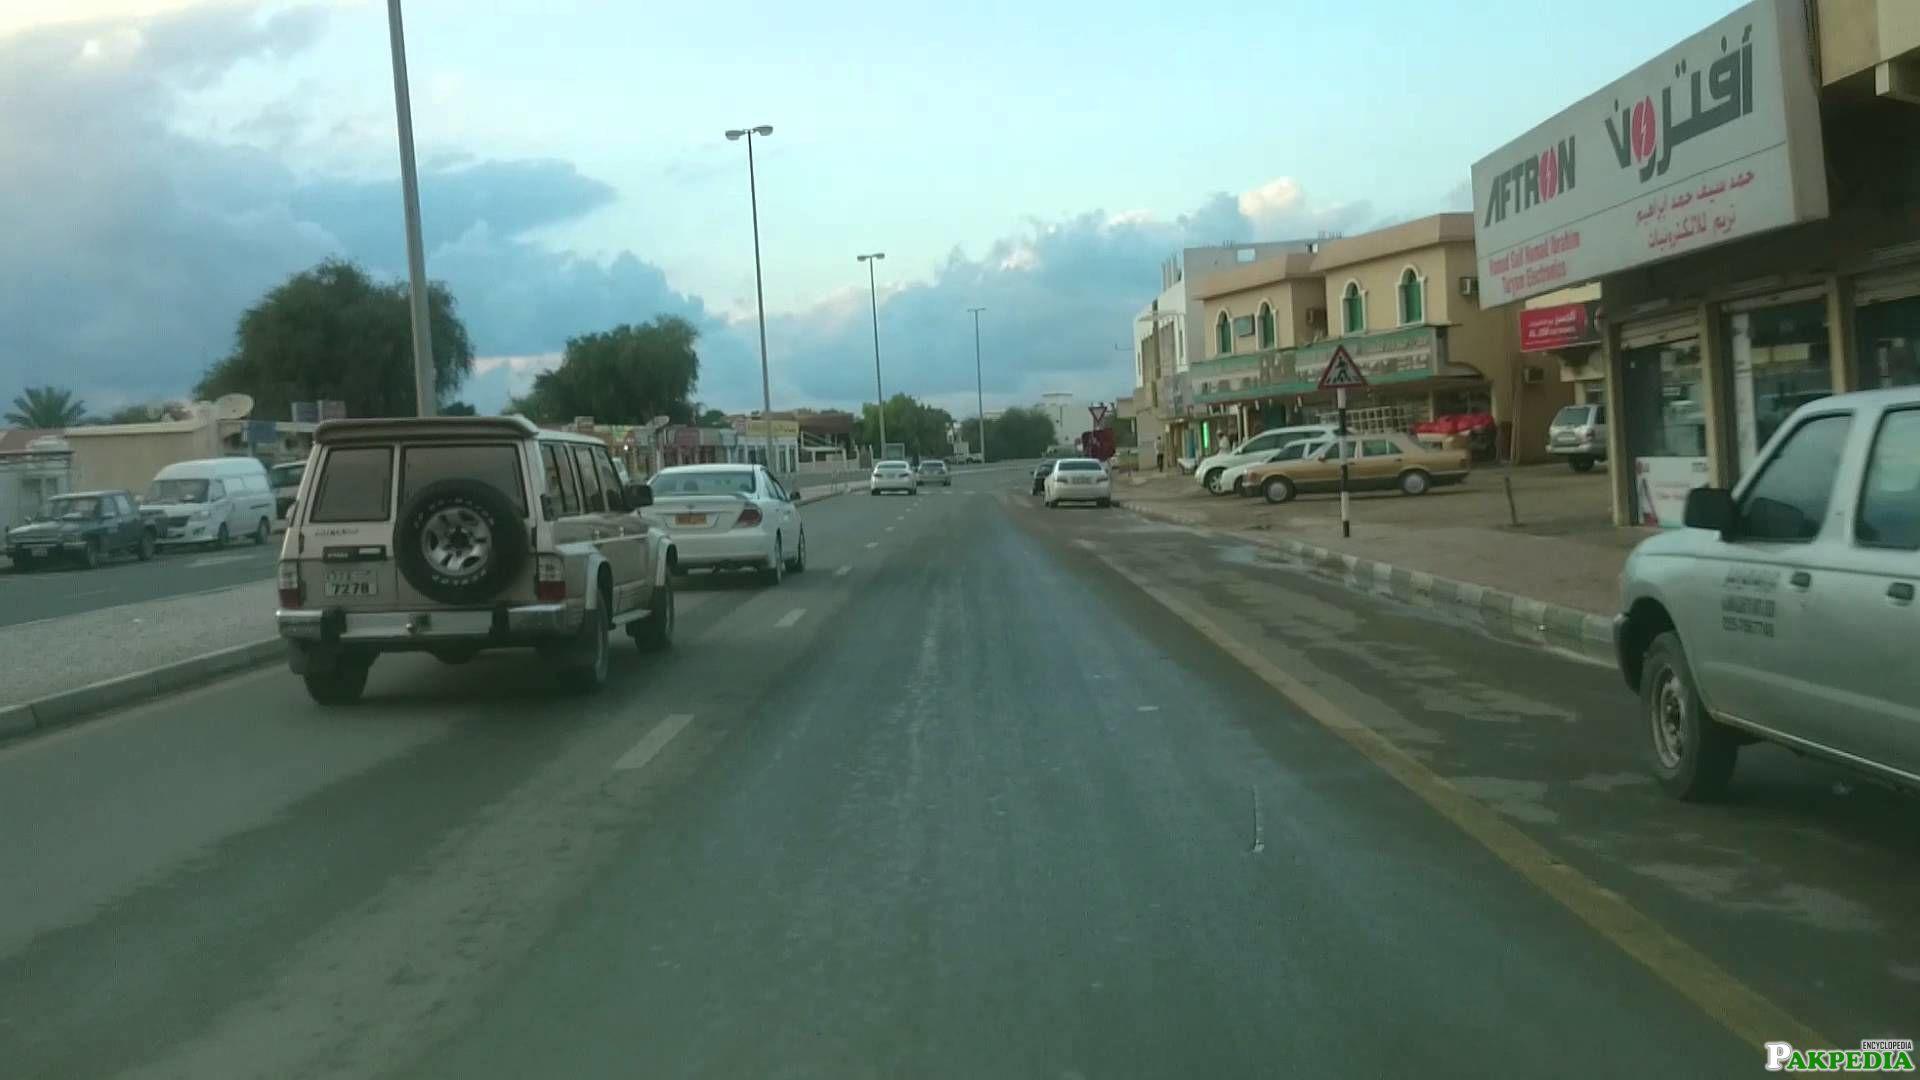 Kharan Roads